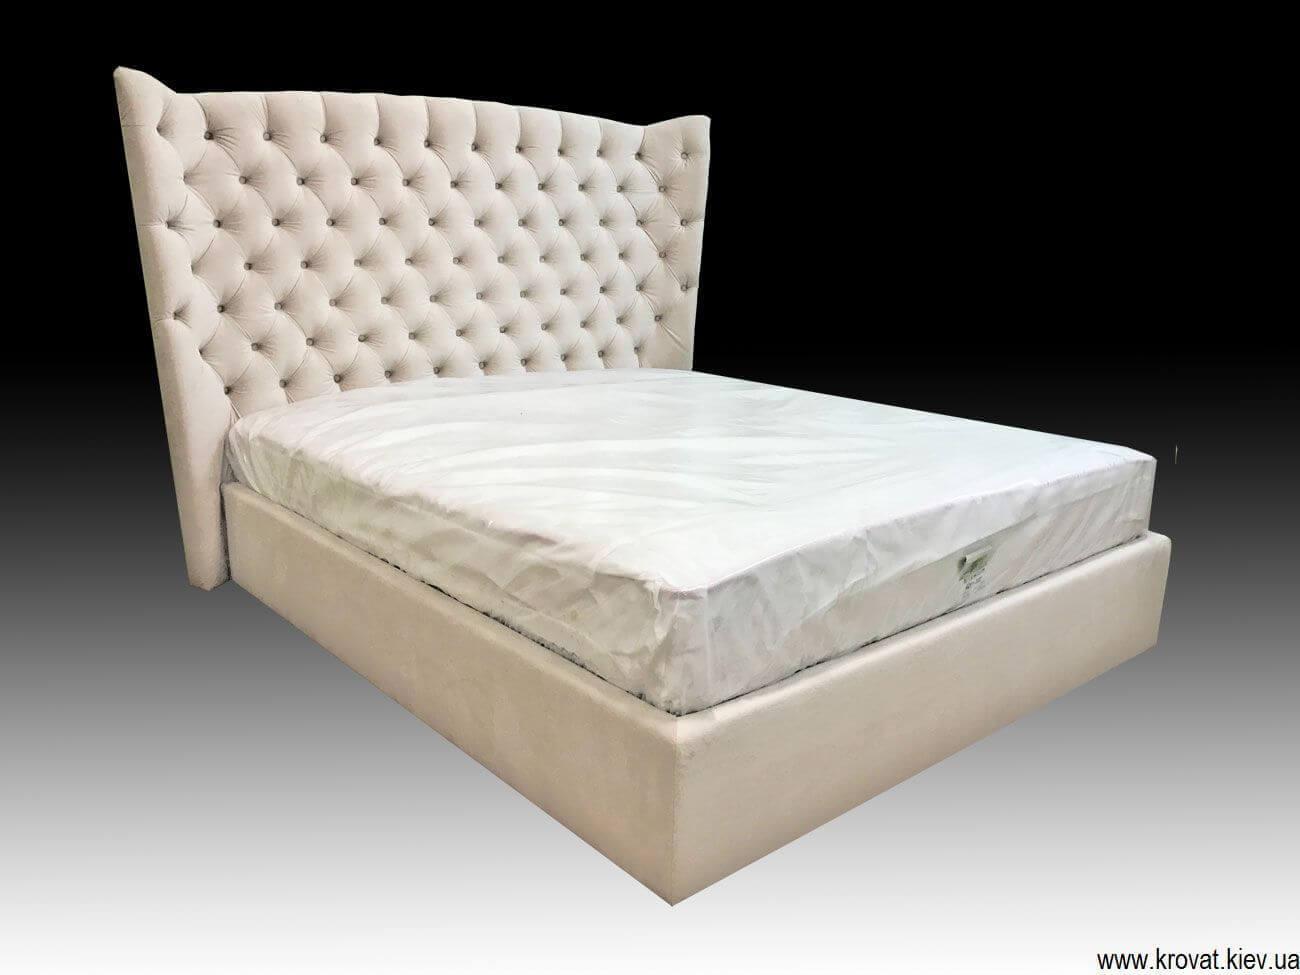 кровати дорого